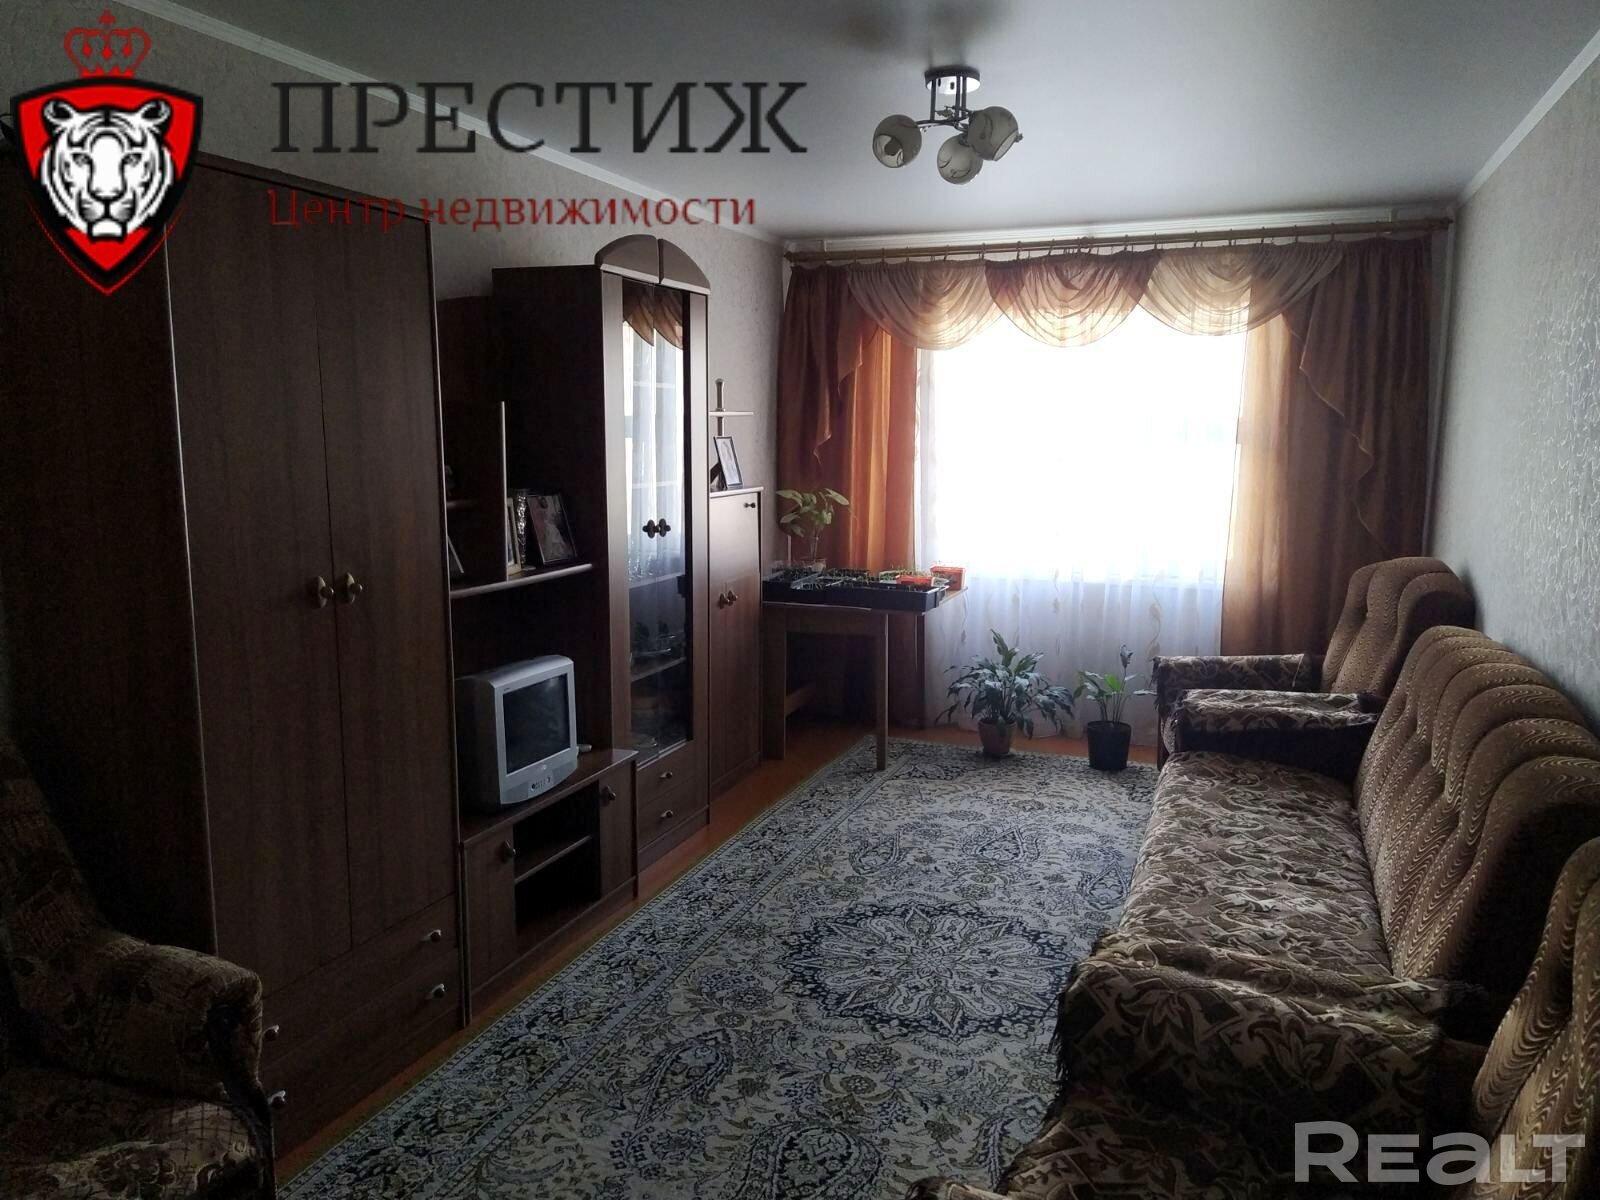 Продажа 3-х комнатной квартиры, г. Брест, ул. Вульковская (р-н Вулька-Подгородская). Цена 102 679 руб